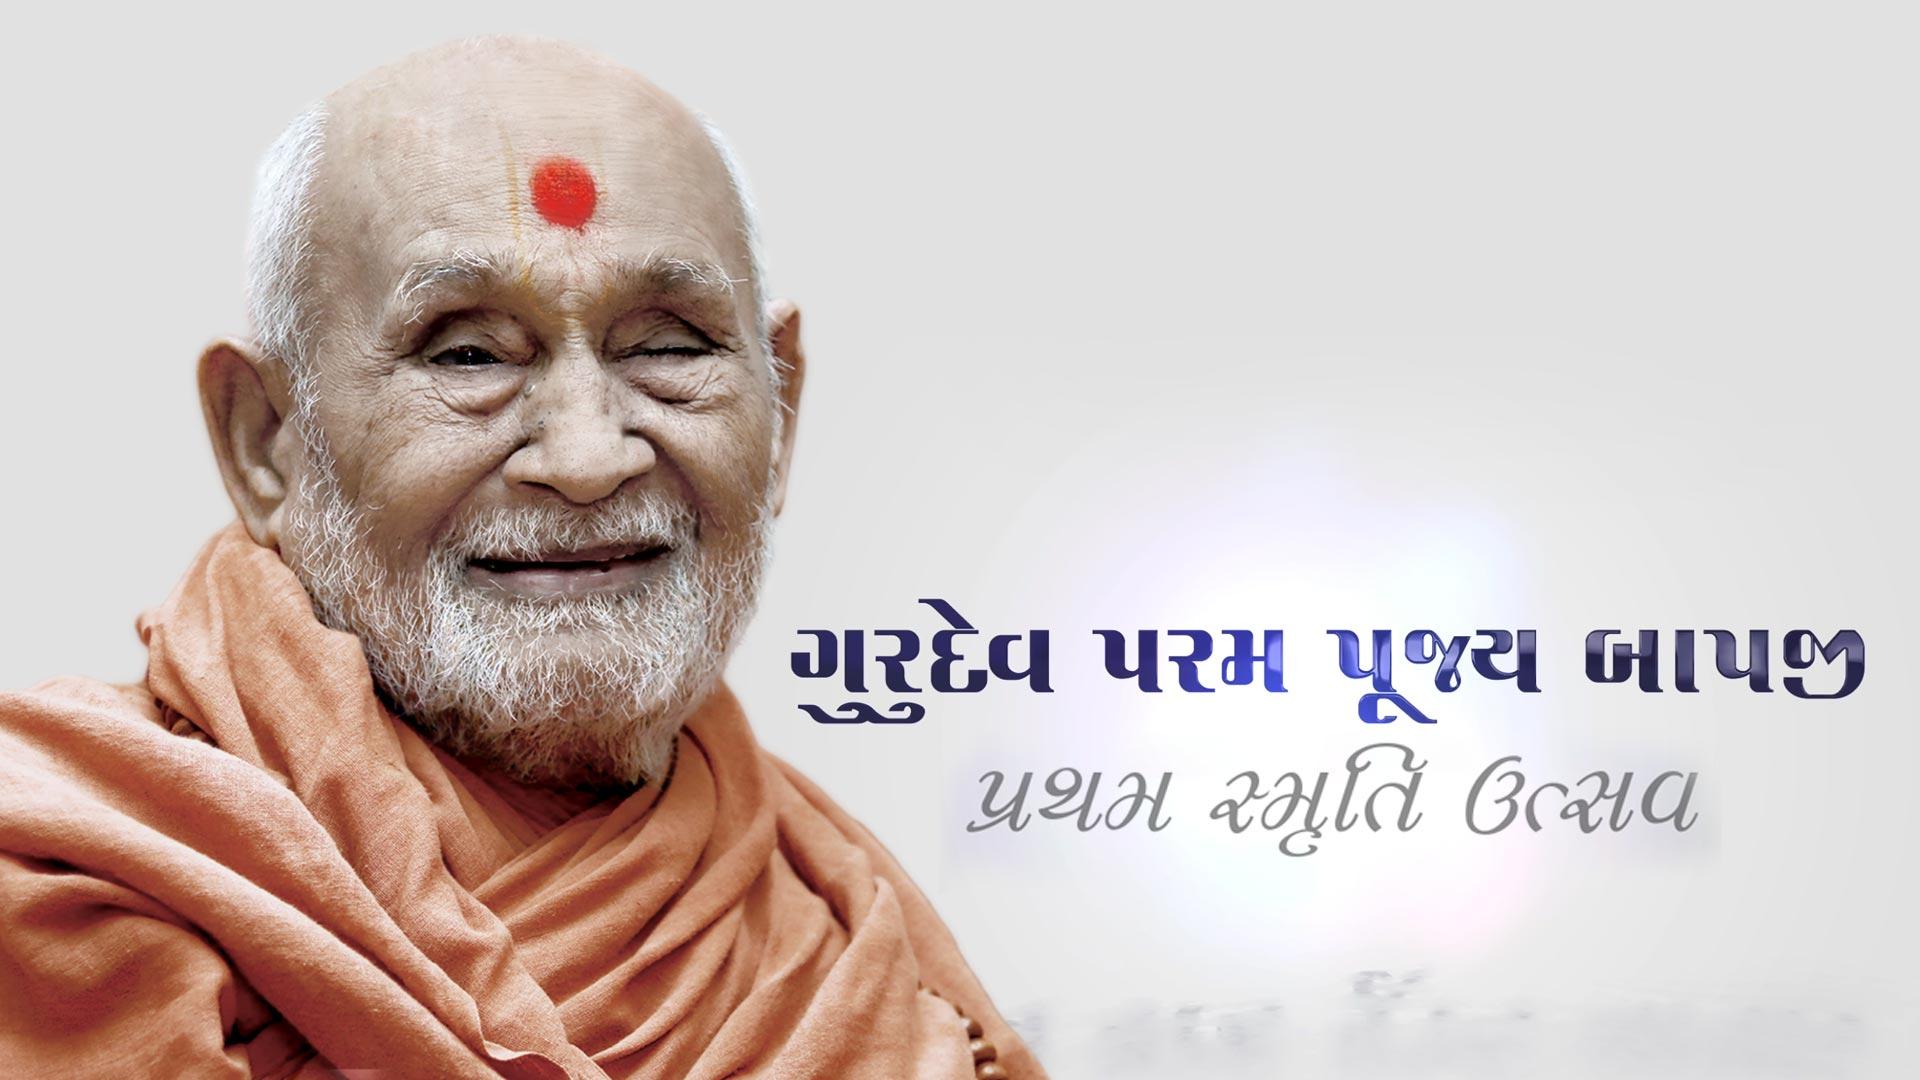 Gurudev HDH Bapji Pratham Smruti Utsav | Promo